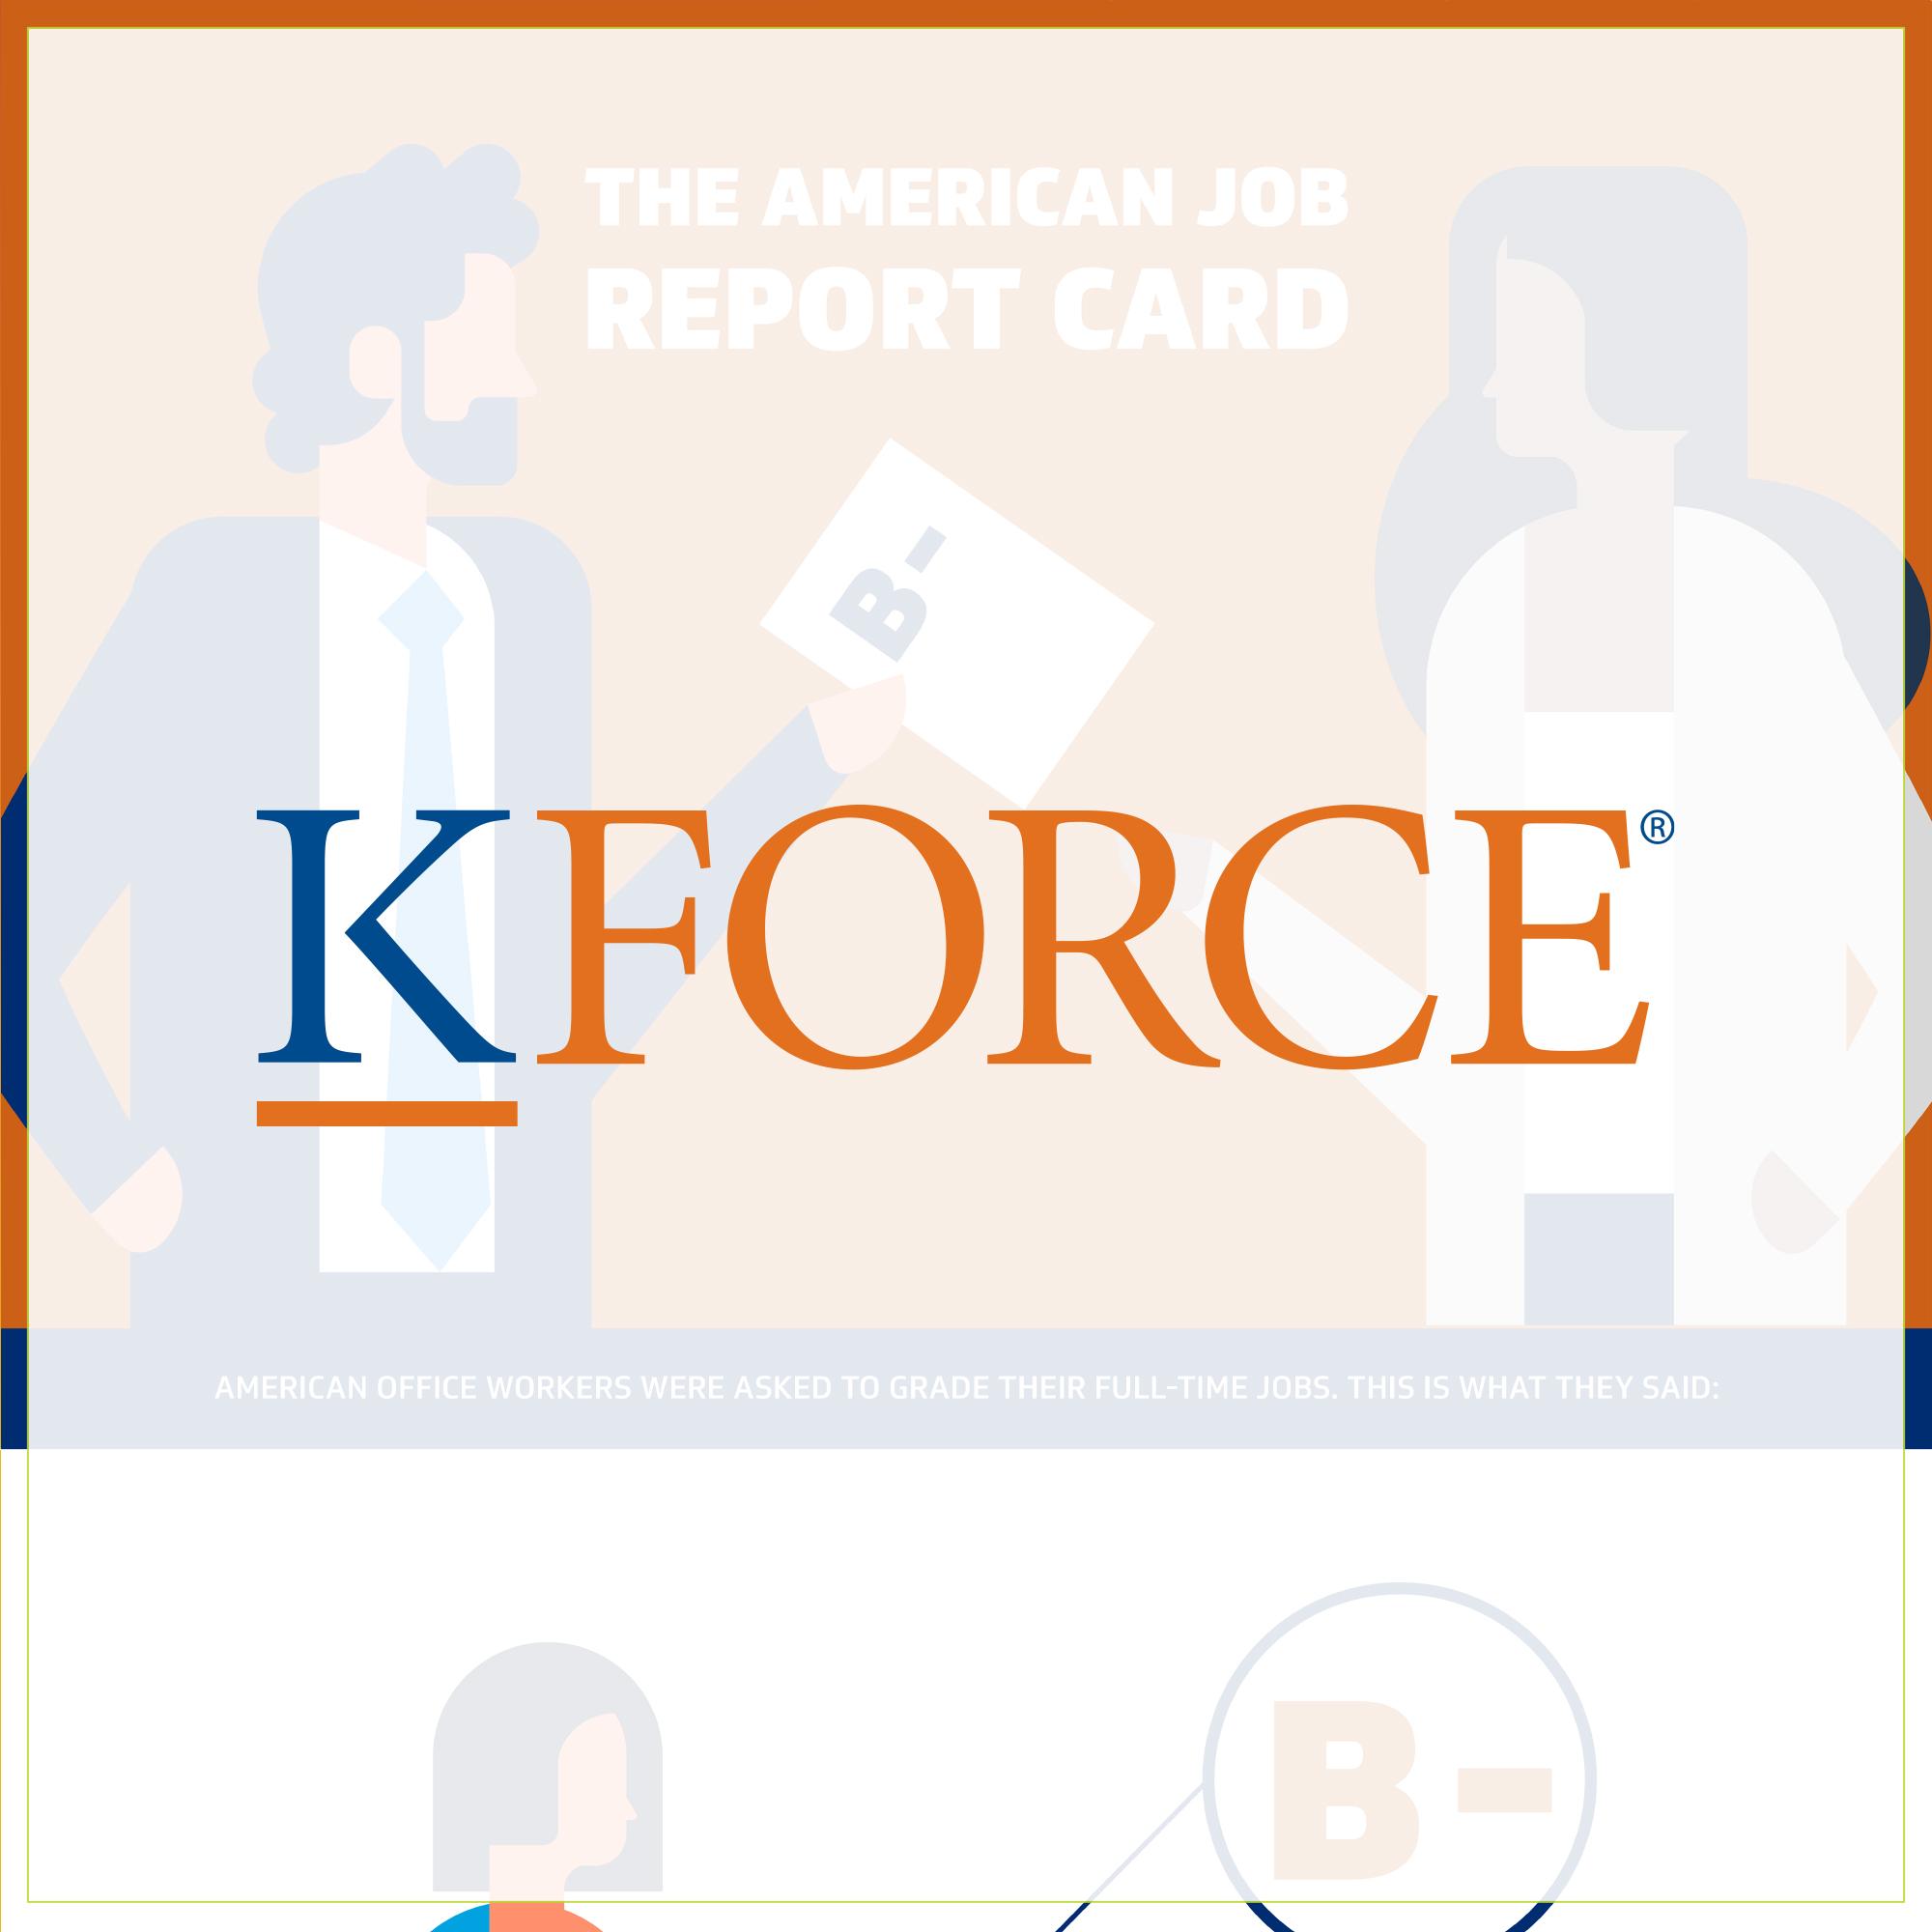 kforce.jpg